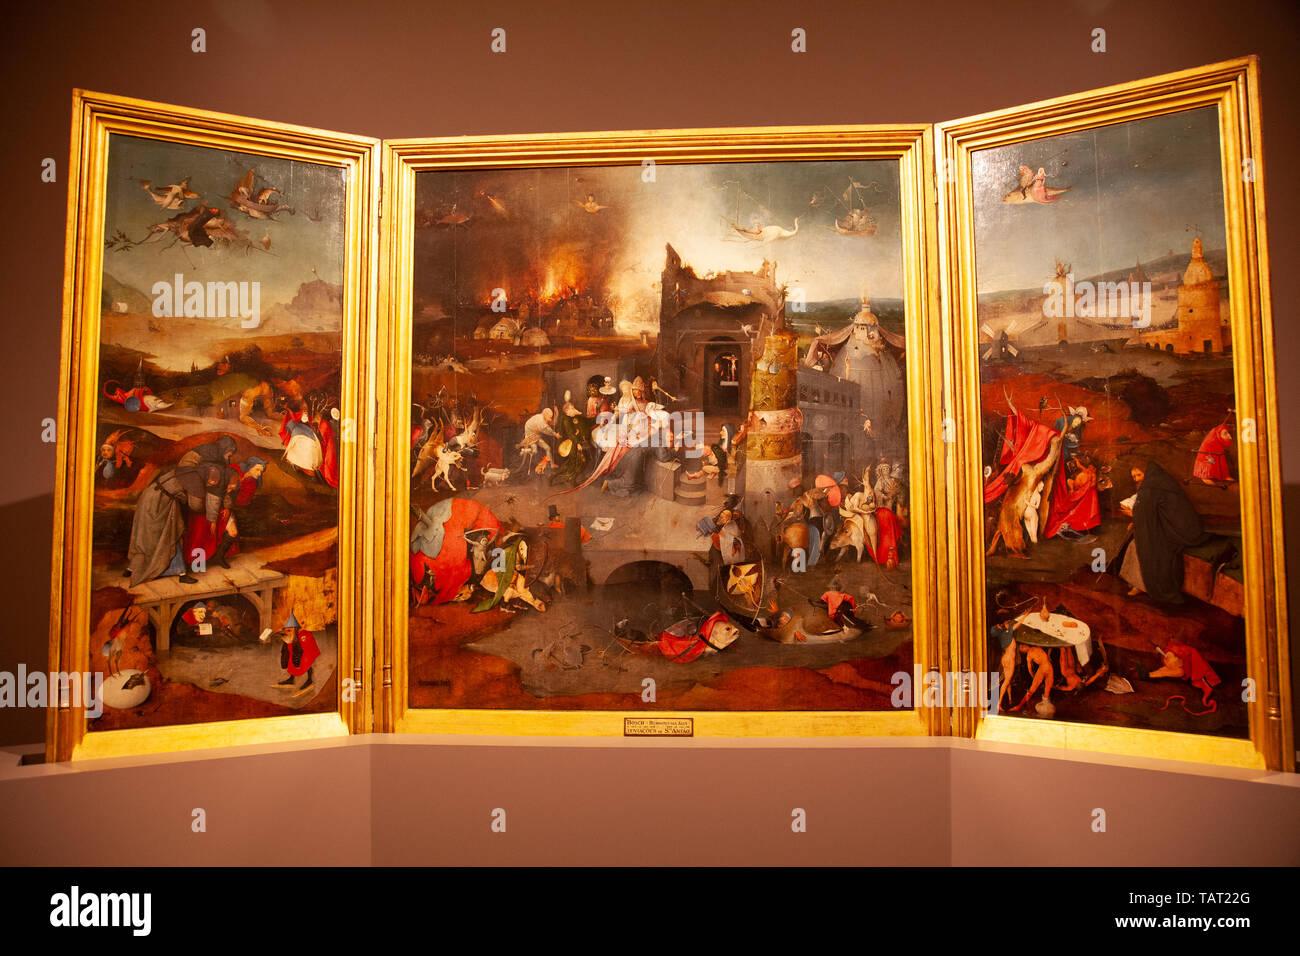 La Tentation de Saint Antoine au Museu Nacional de Arte Antiga à Lisbonne, Portugal Photo Stock